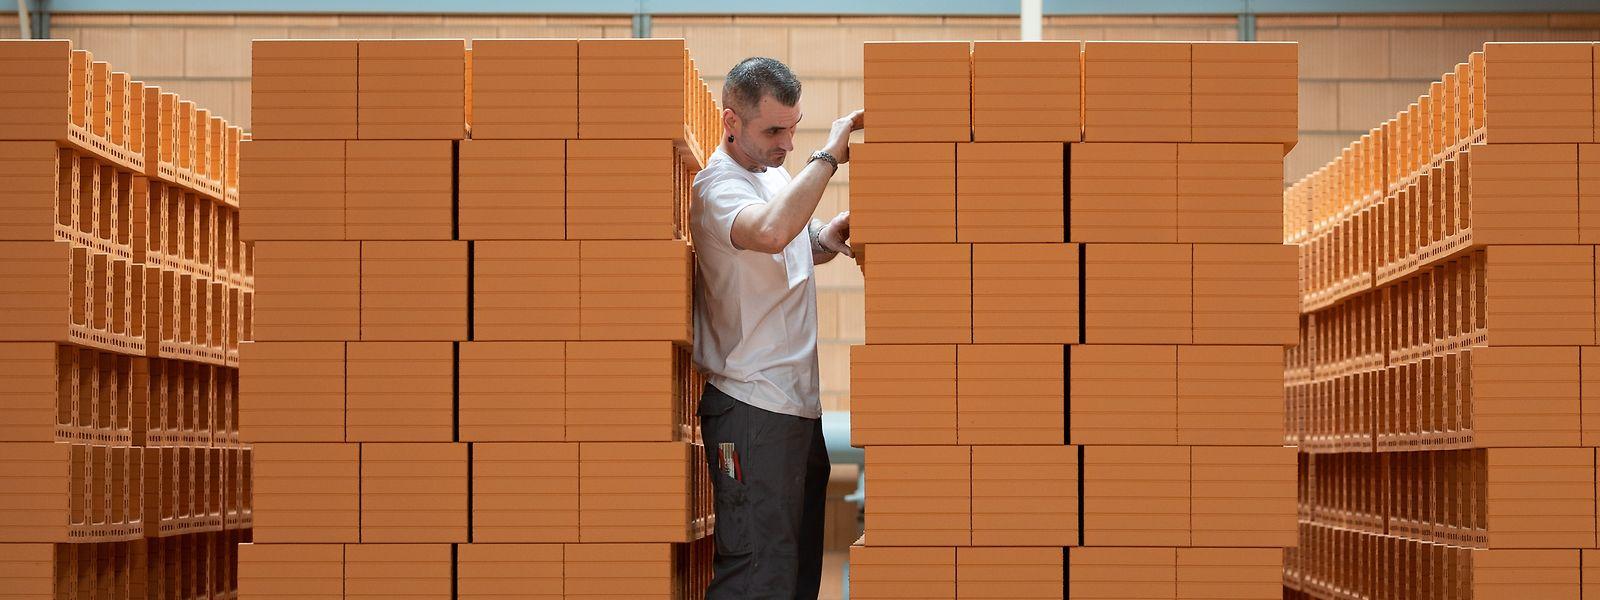 La hausse des matières premières dans le secteur de la construction, notamment, pourrait avoir un rôle majeur dans l'augmentation attendue de l'inflation au Luxembourg.